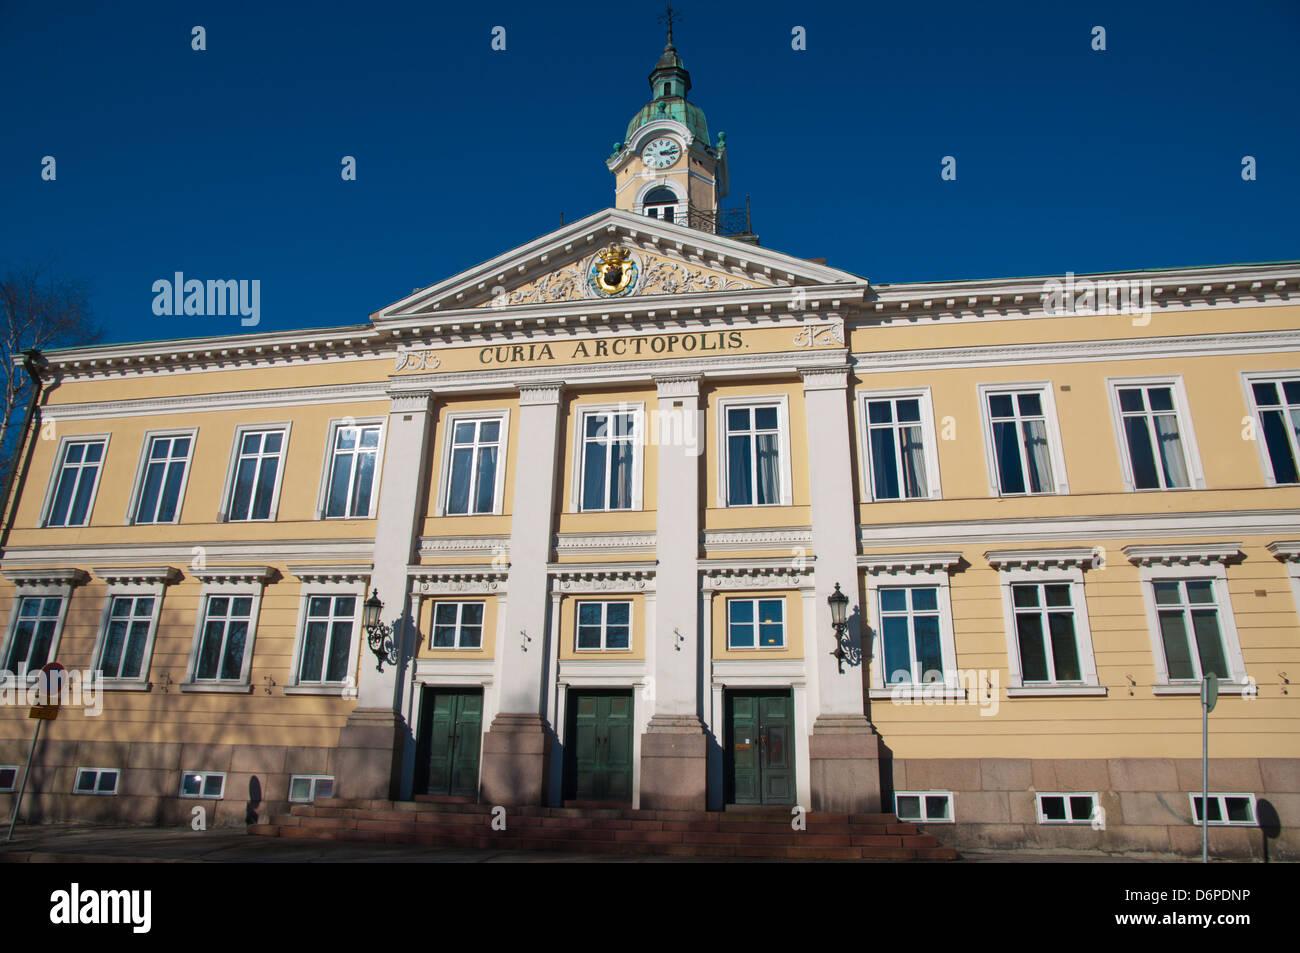 Klassizistischen Stil Porin Raatihuone das Rathaus (1841) von Carl Ludvig Engel Pori Finnland Mitteleuropa Stockbild